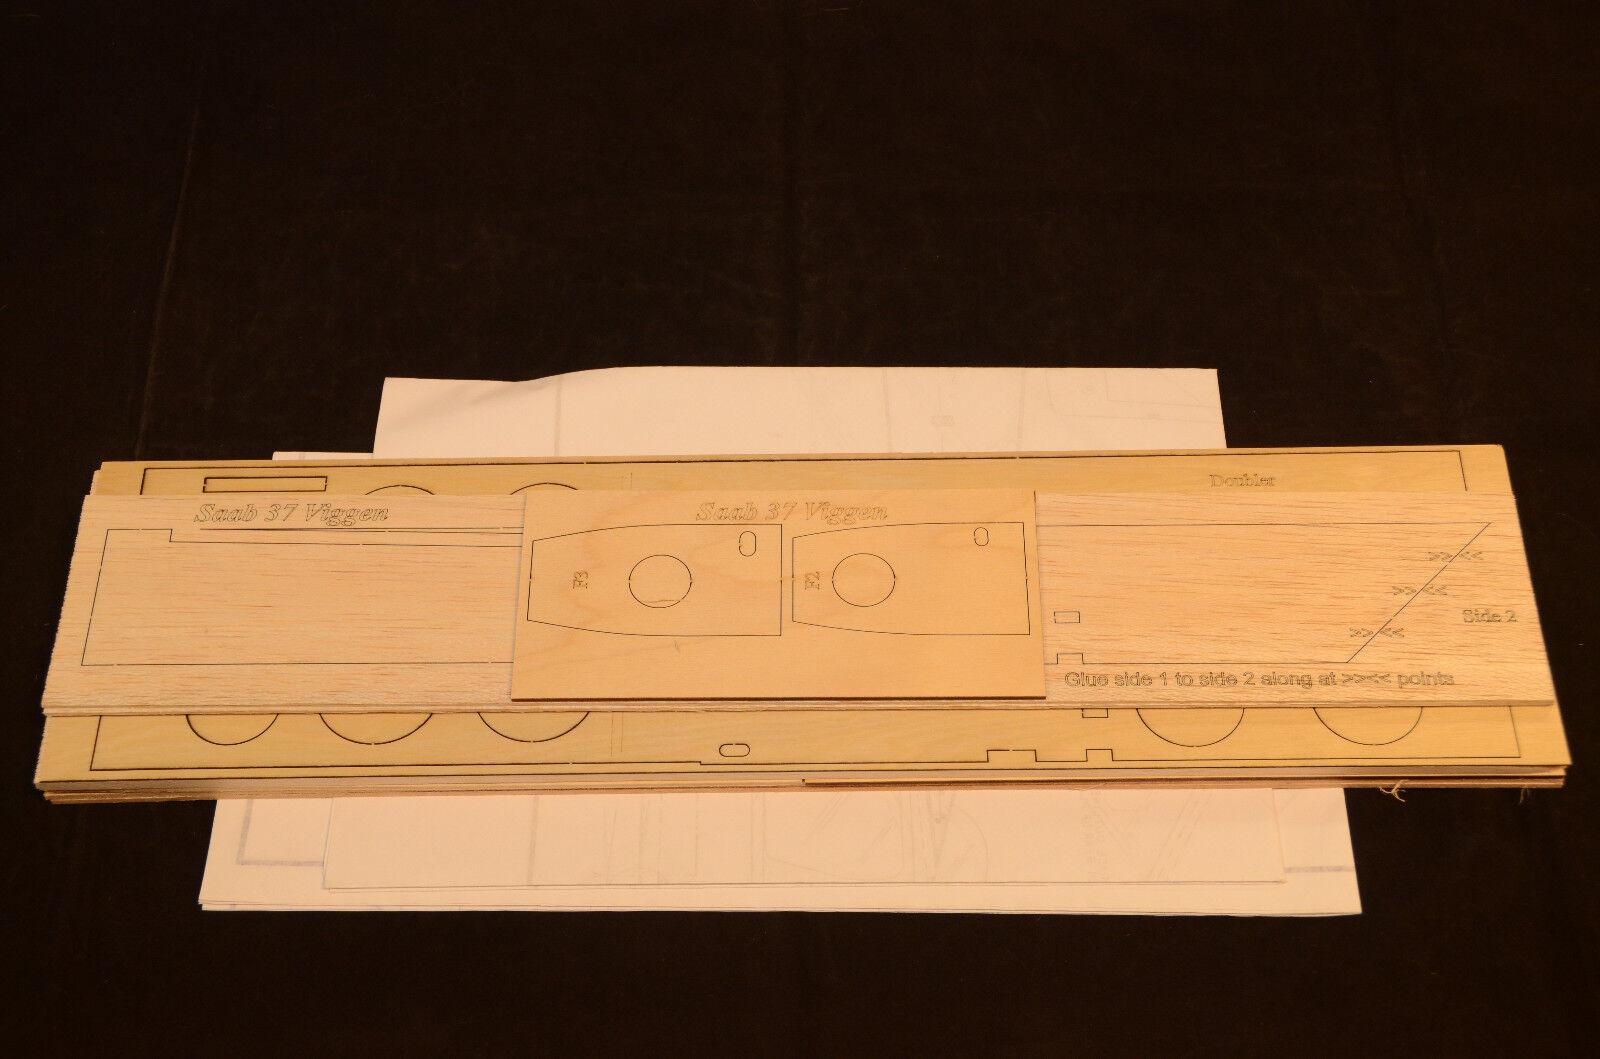 Semi Maßstab Saab 37 Viggen Laserschnitt Short Set & Plans 32   Ws,ABlauft Lüfter    Online Kaufen